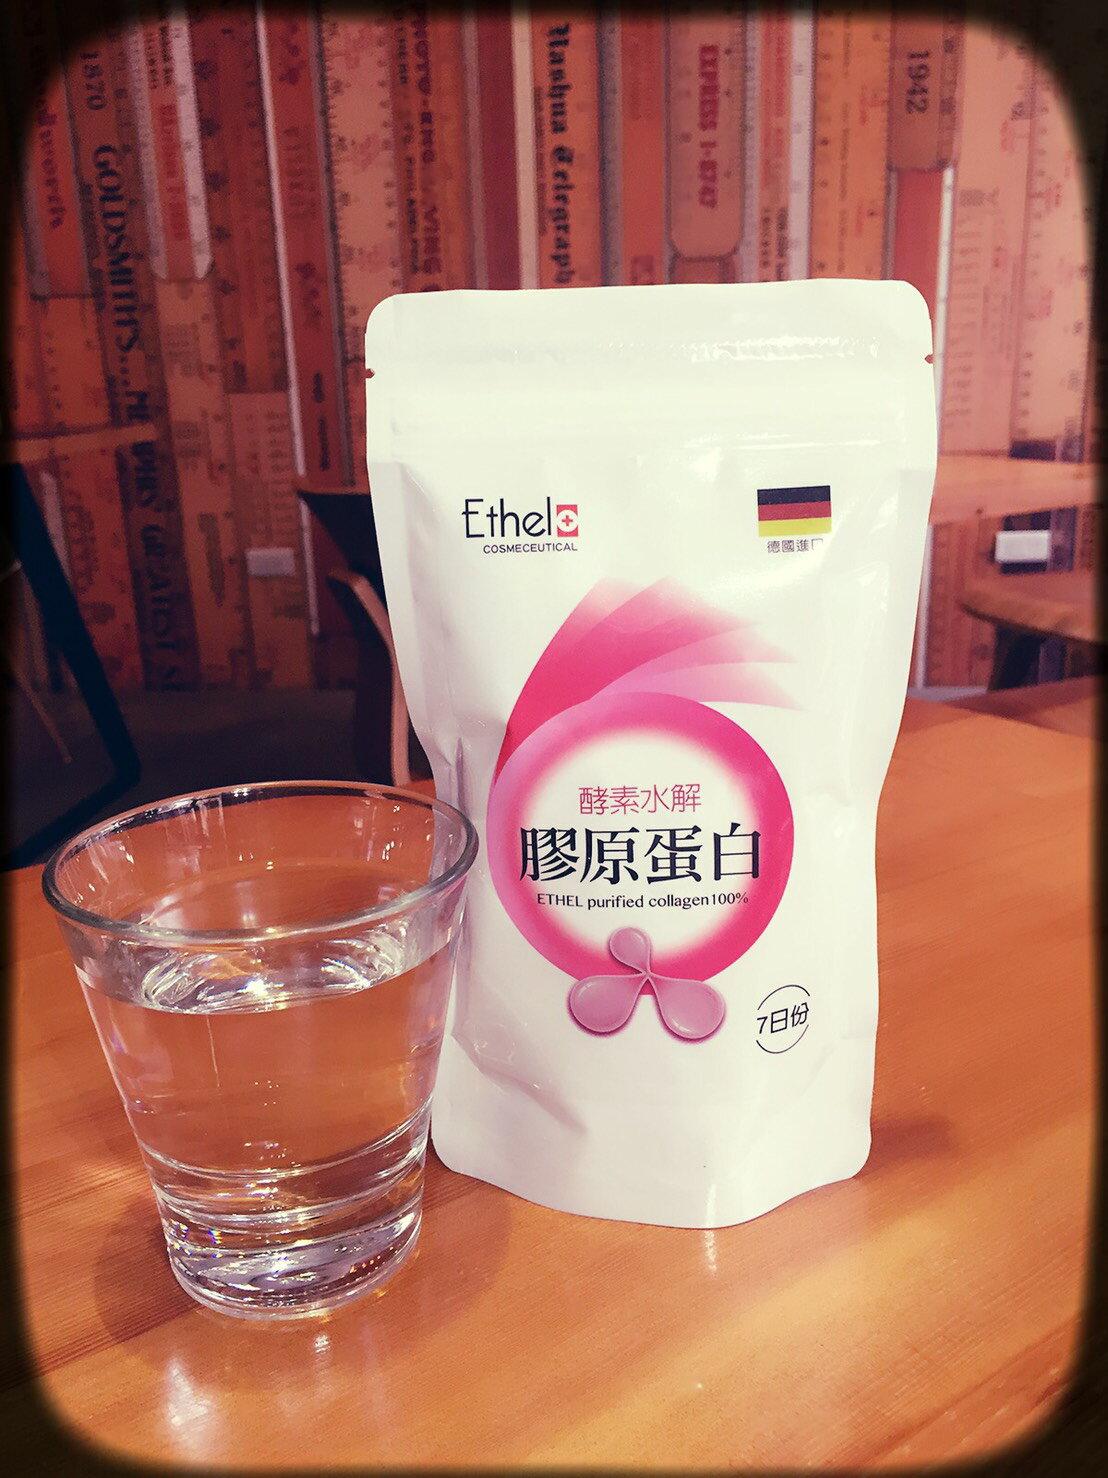 【Ethel伊黛爾藥妝】水解膠原蛋白 (28日份) 2